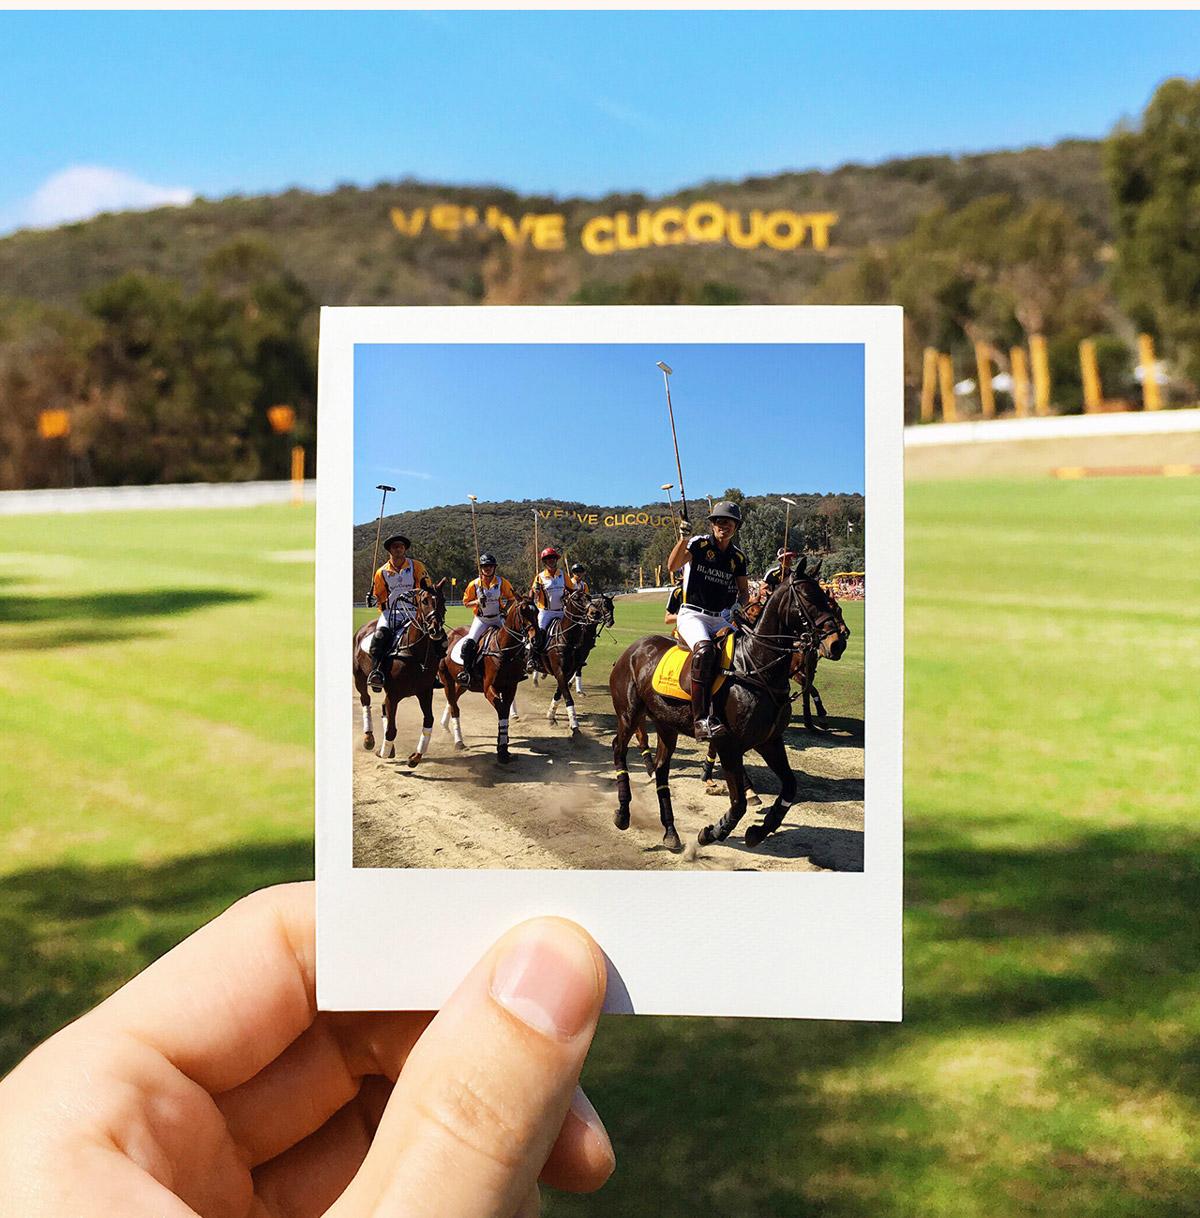 Veuve Clicquot Polo Classic Tickets